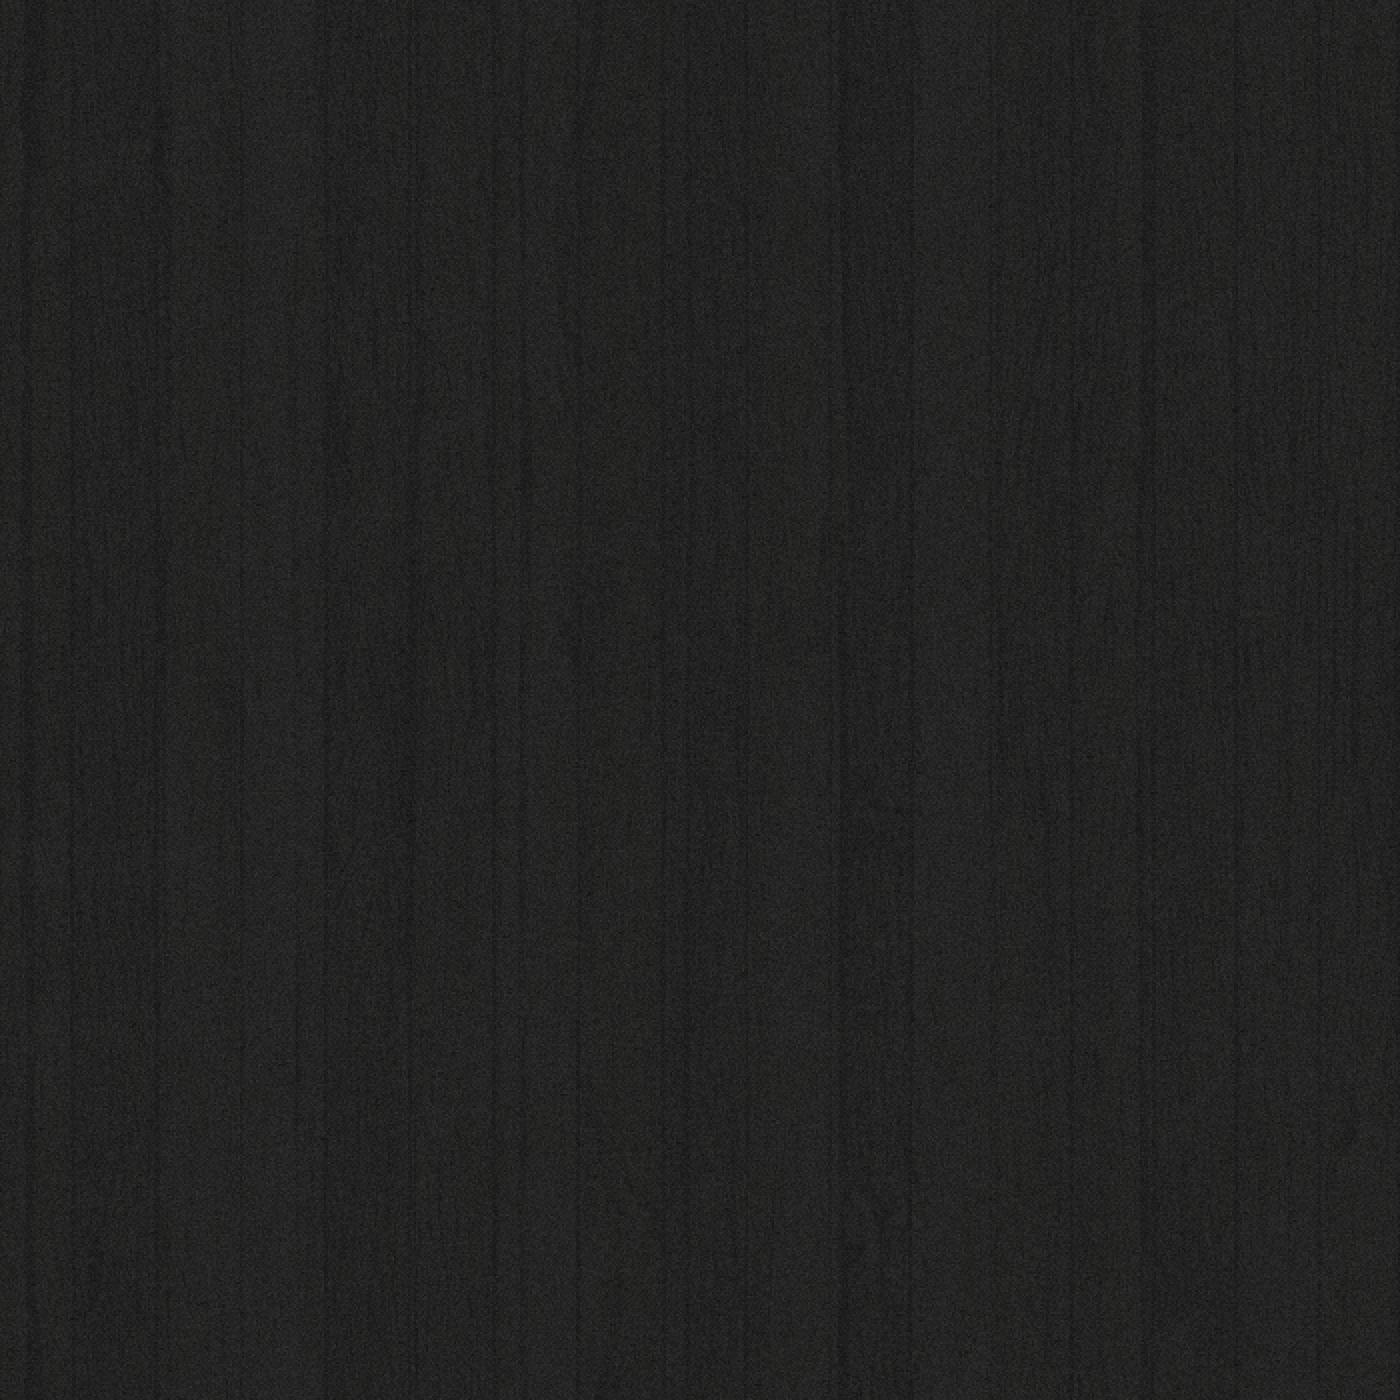 tiko allround tischlerei gmbh die allround tischlerei im herzen von hamburg elmsb ttel. Black Bedroom Furniture Sets. Home Design Ideas